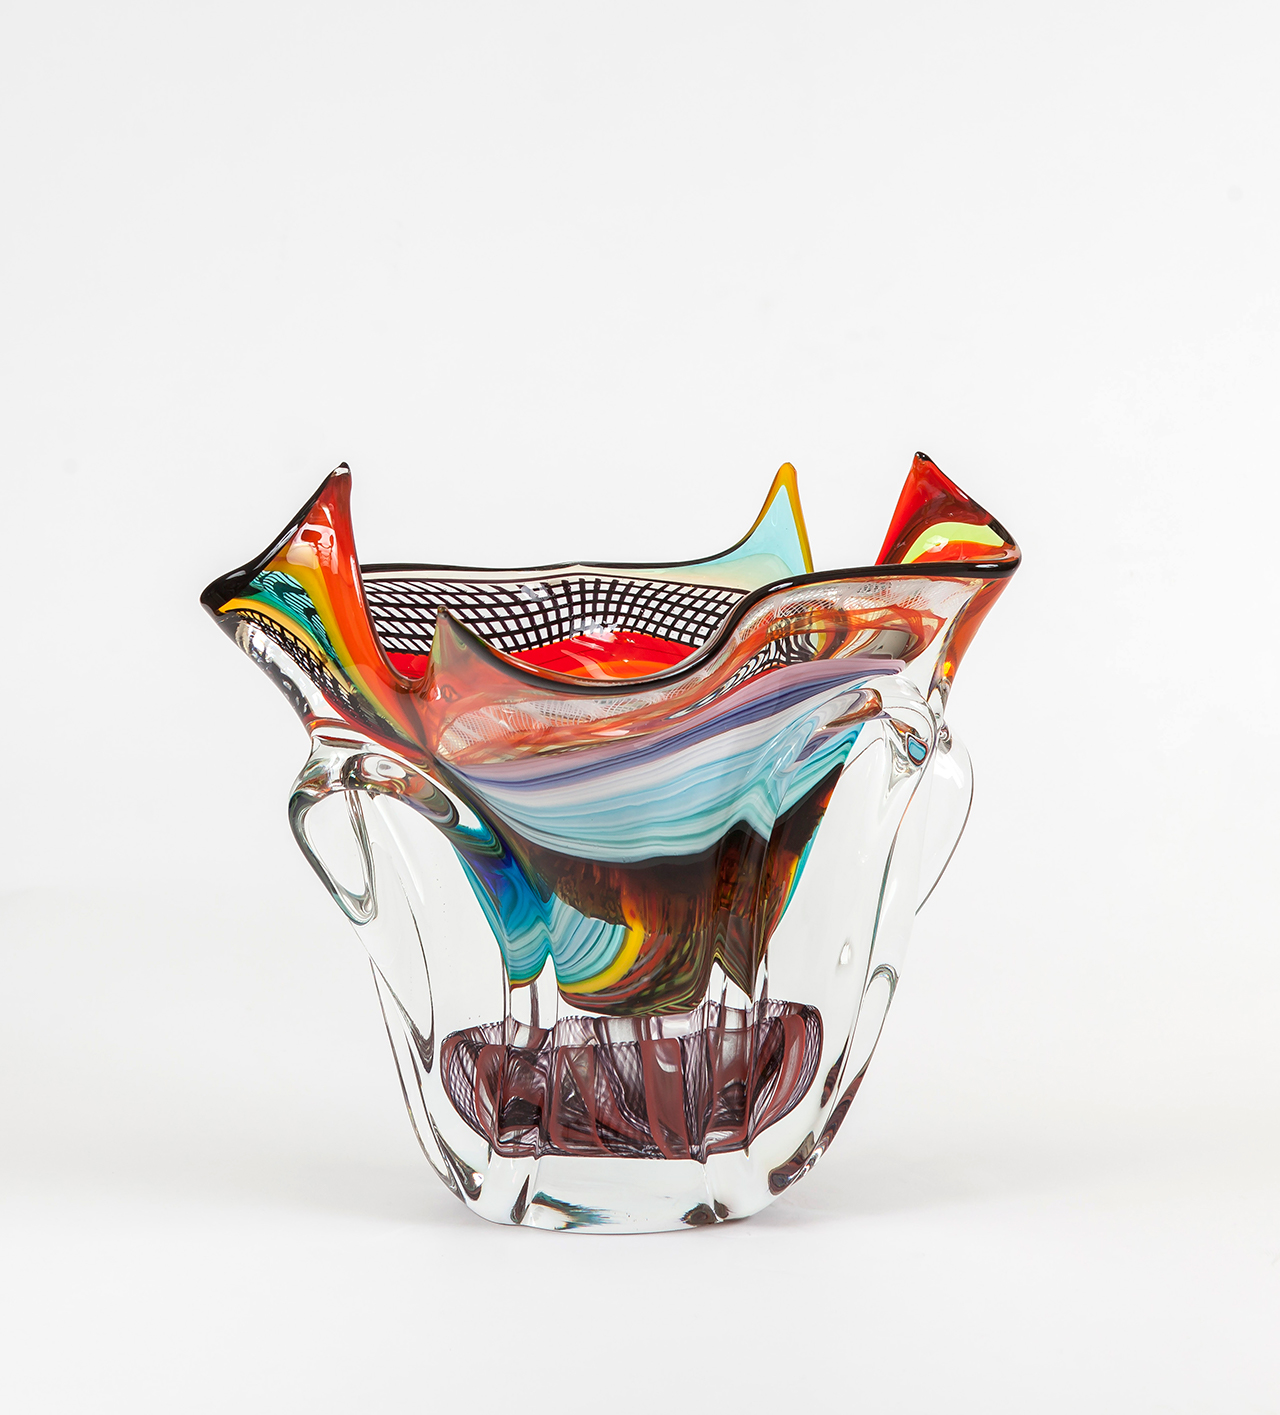 vaso-sommerso-collezione-wow-schiavon-murano